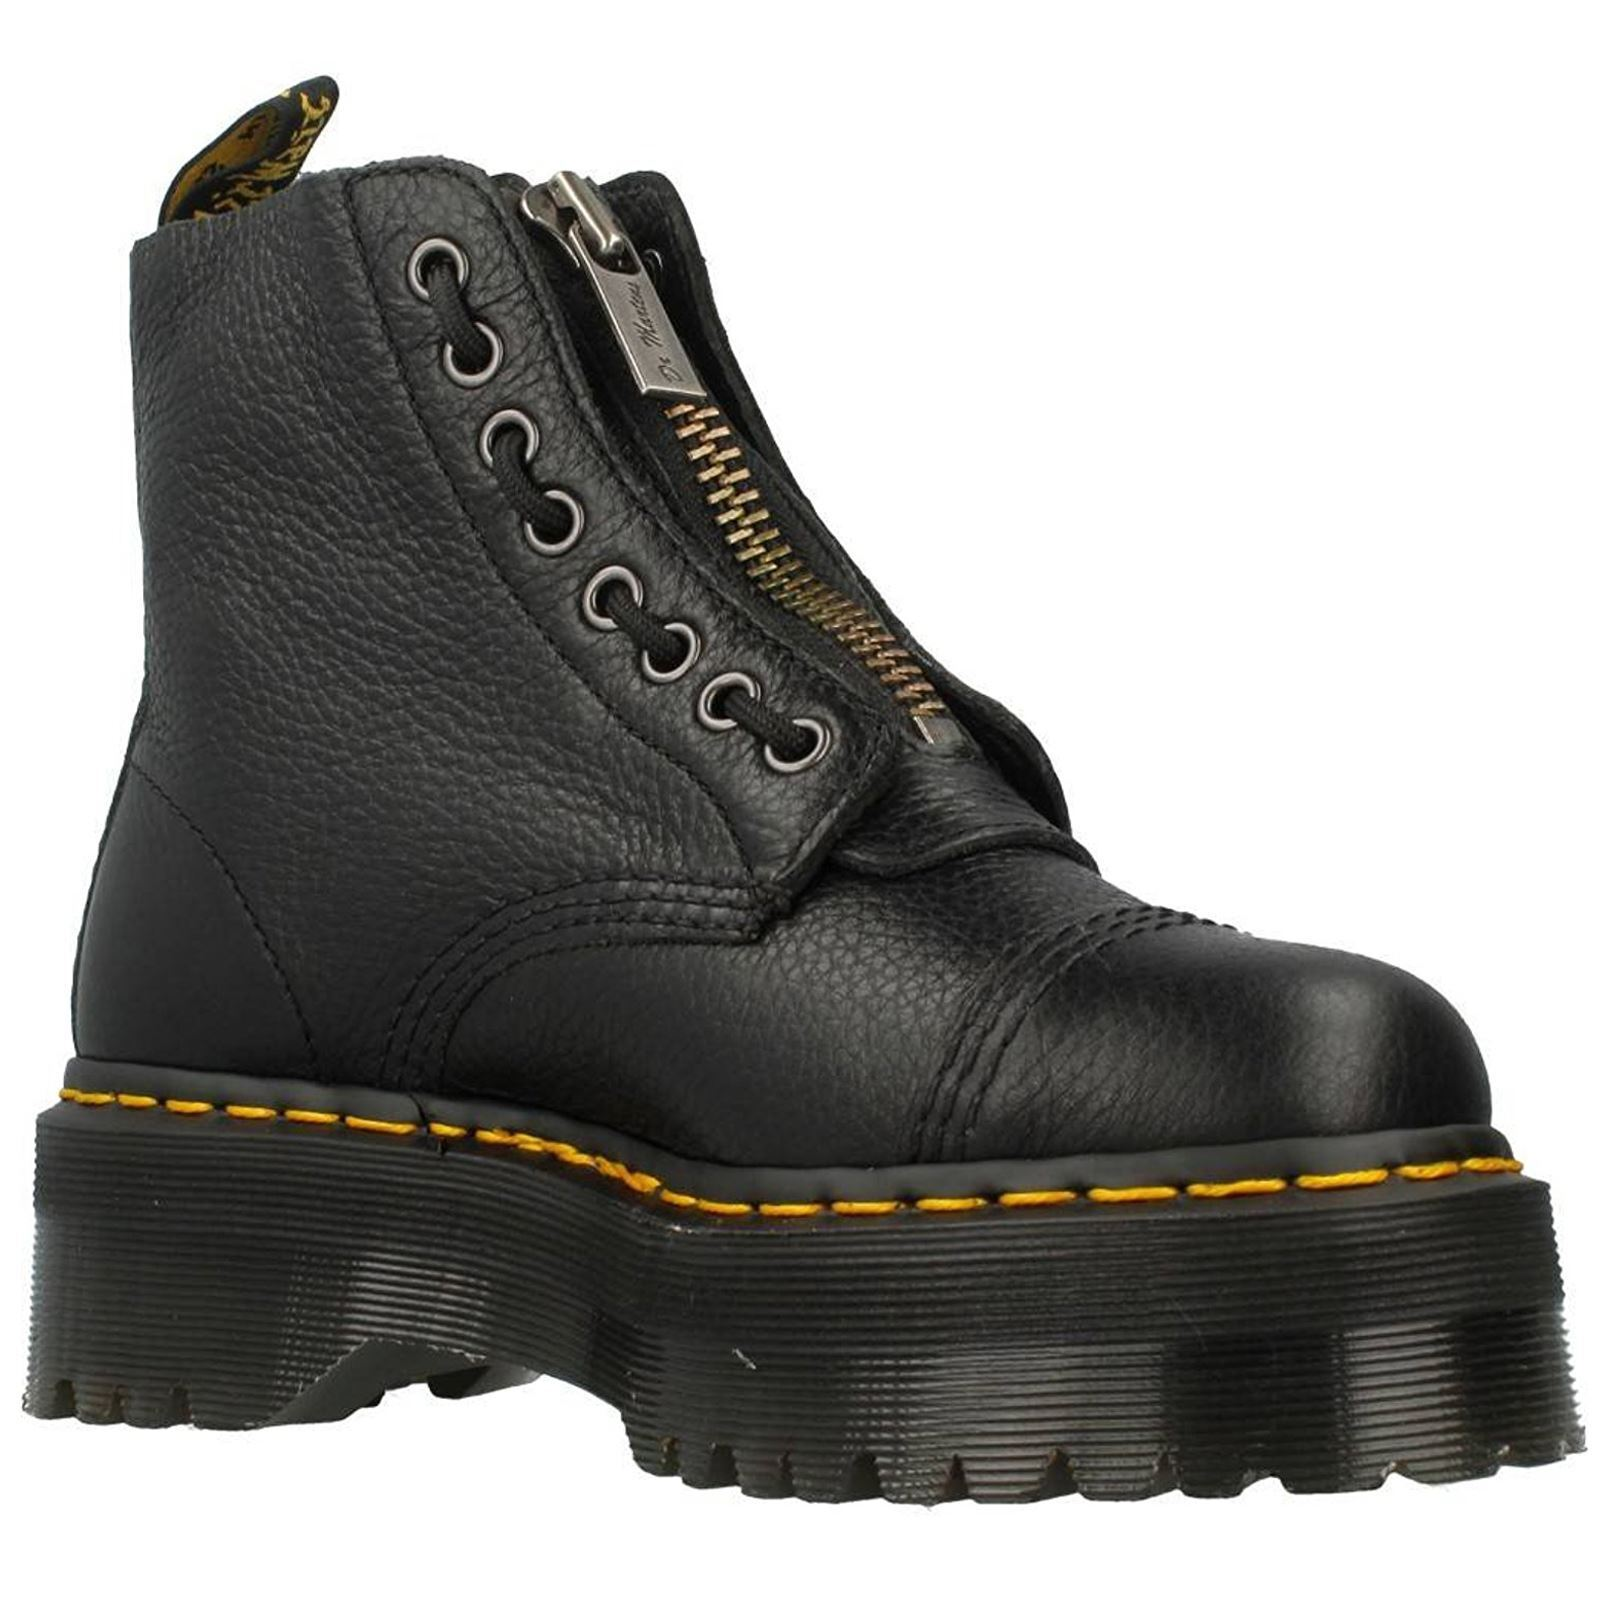 Descuento de la marca Dr. Martens Sinclair Negro de cuero para para cuero mujer plataforma botas de combate e6be58